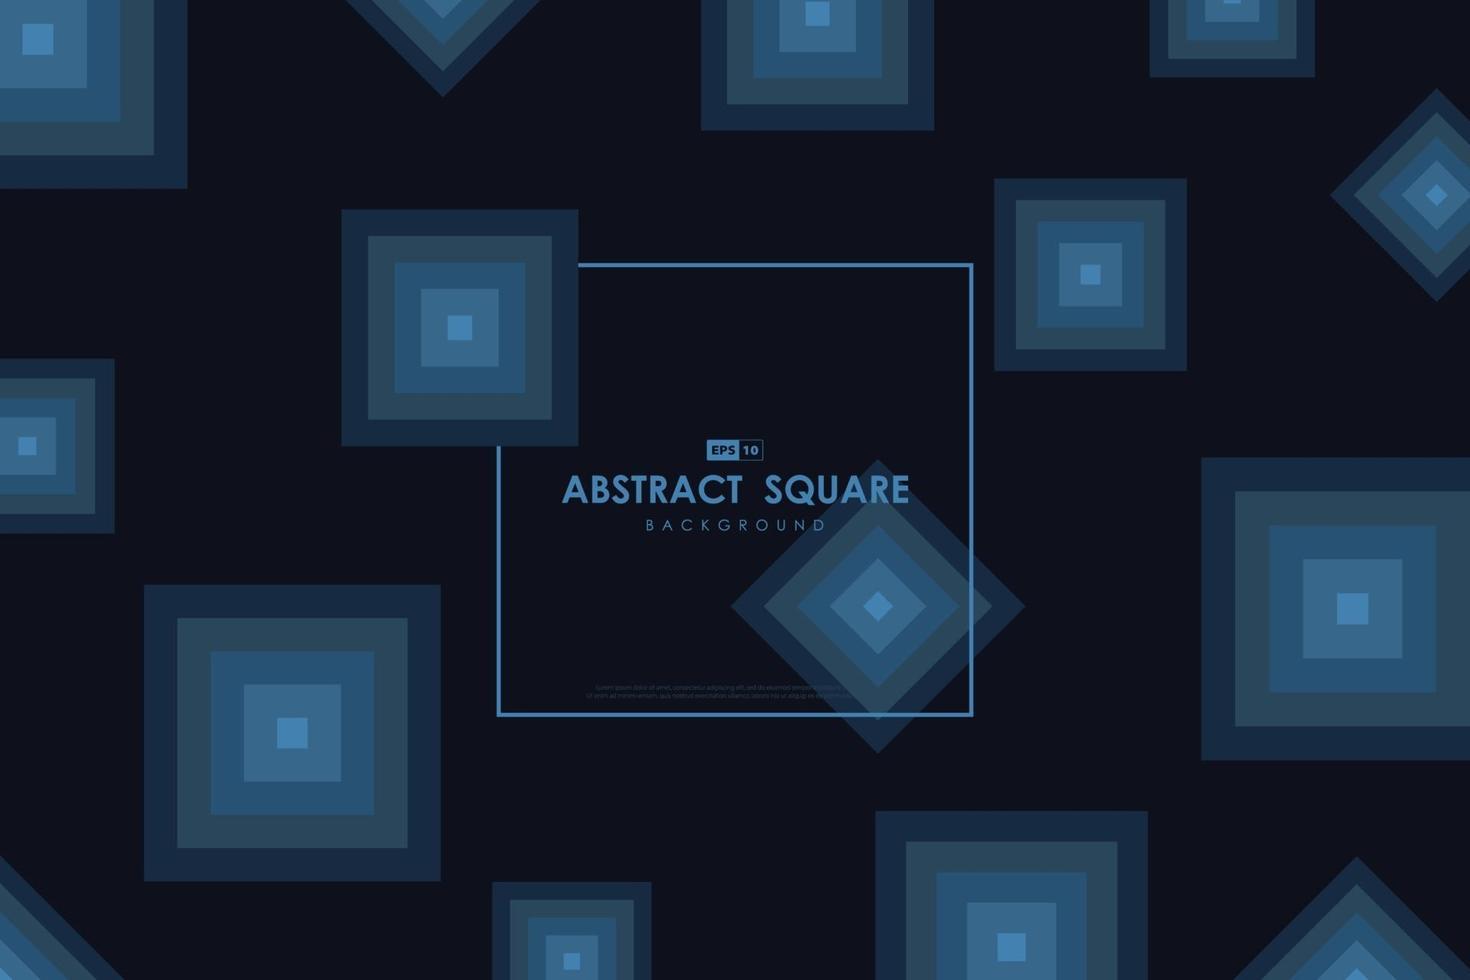 abstrato azul mínimo quadrado arte padrão design de cartaz fundo. ilustração vetorial eps10 vetor